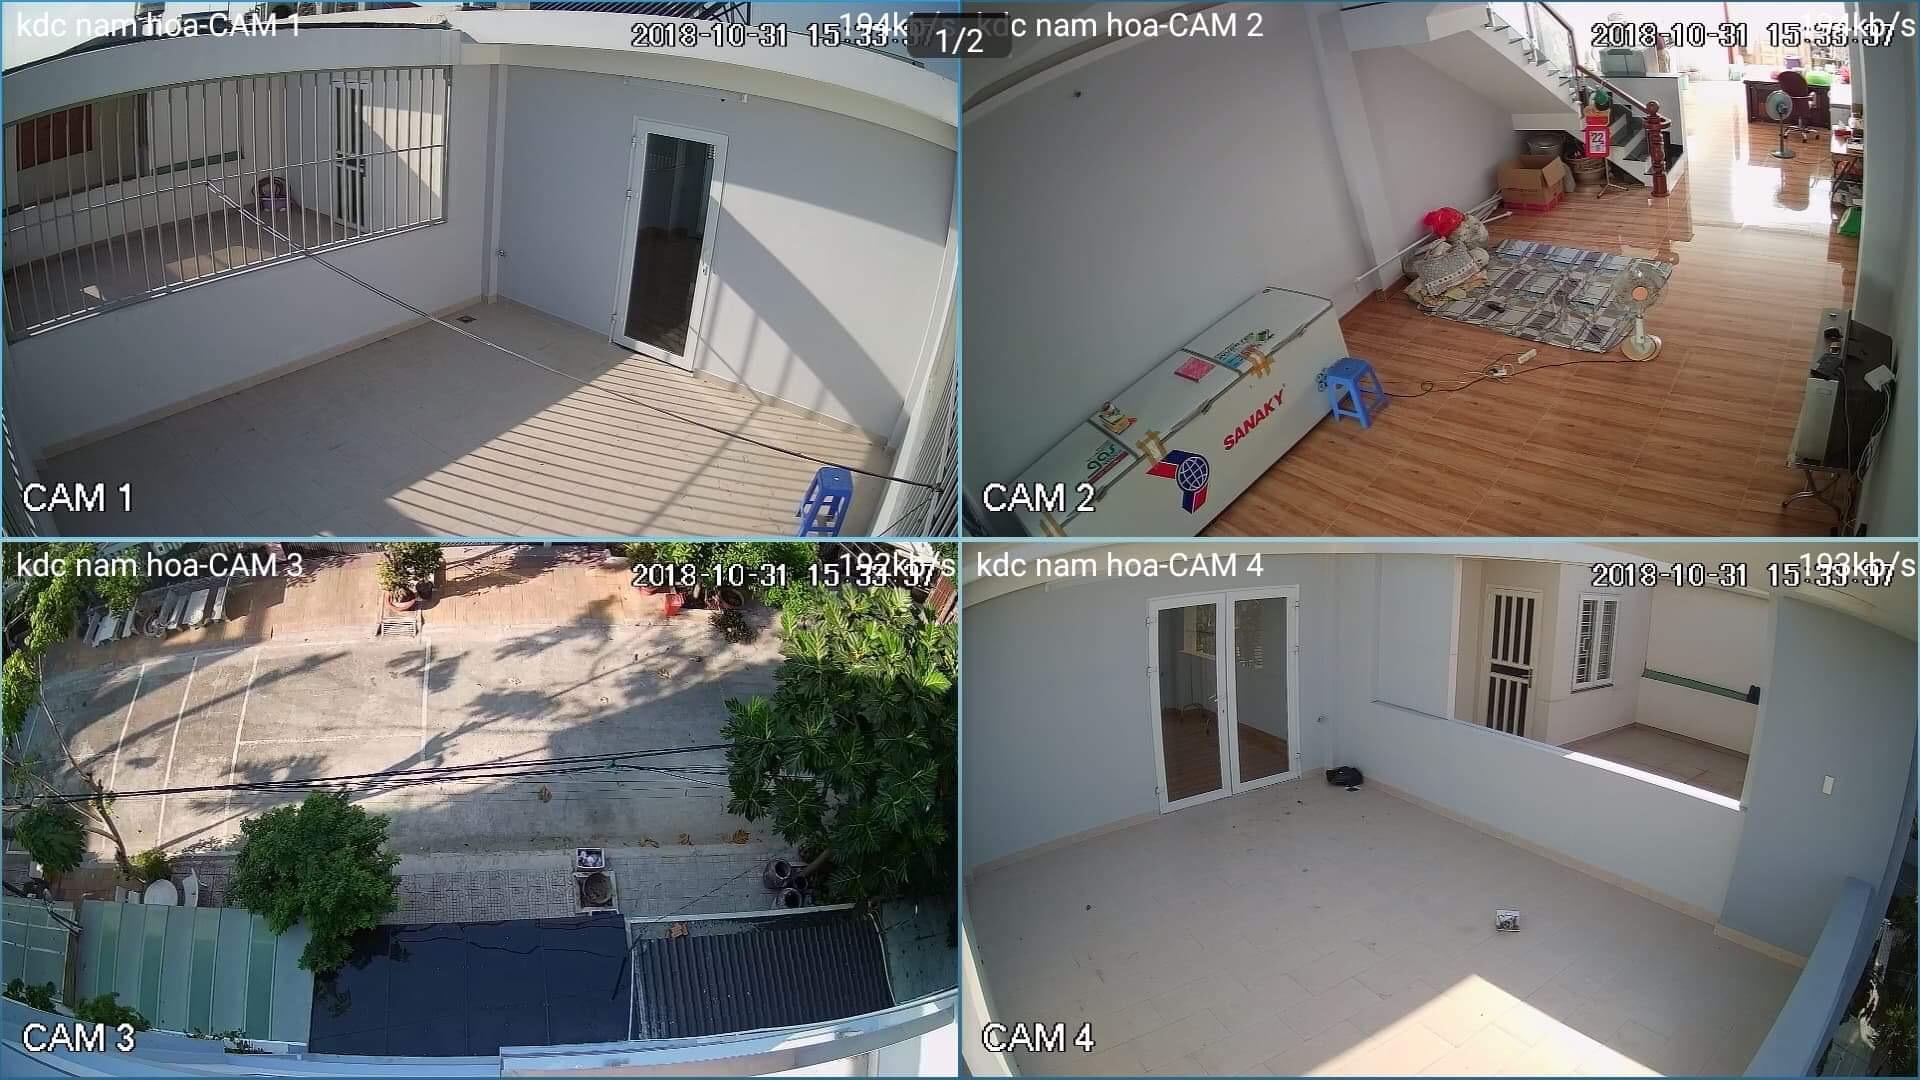 Lắp camera quận 6 giá rẻ HD chất lượng tốt